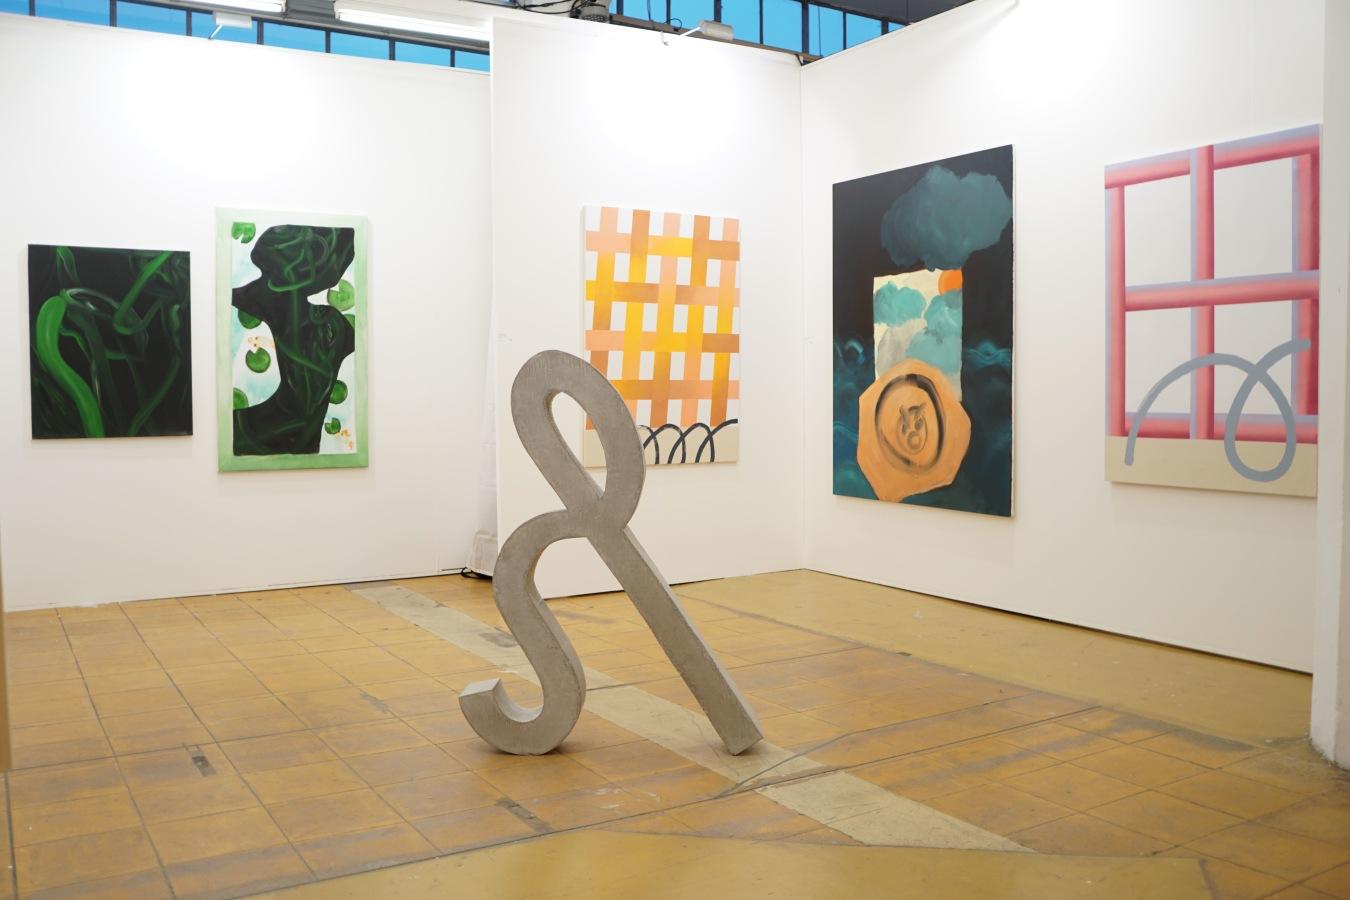 Art Rotterdam 2019, Nazif Lopulissa (Nasbami), Naomi Mitsuko Makkelie,